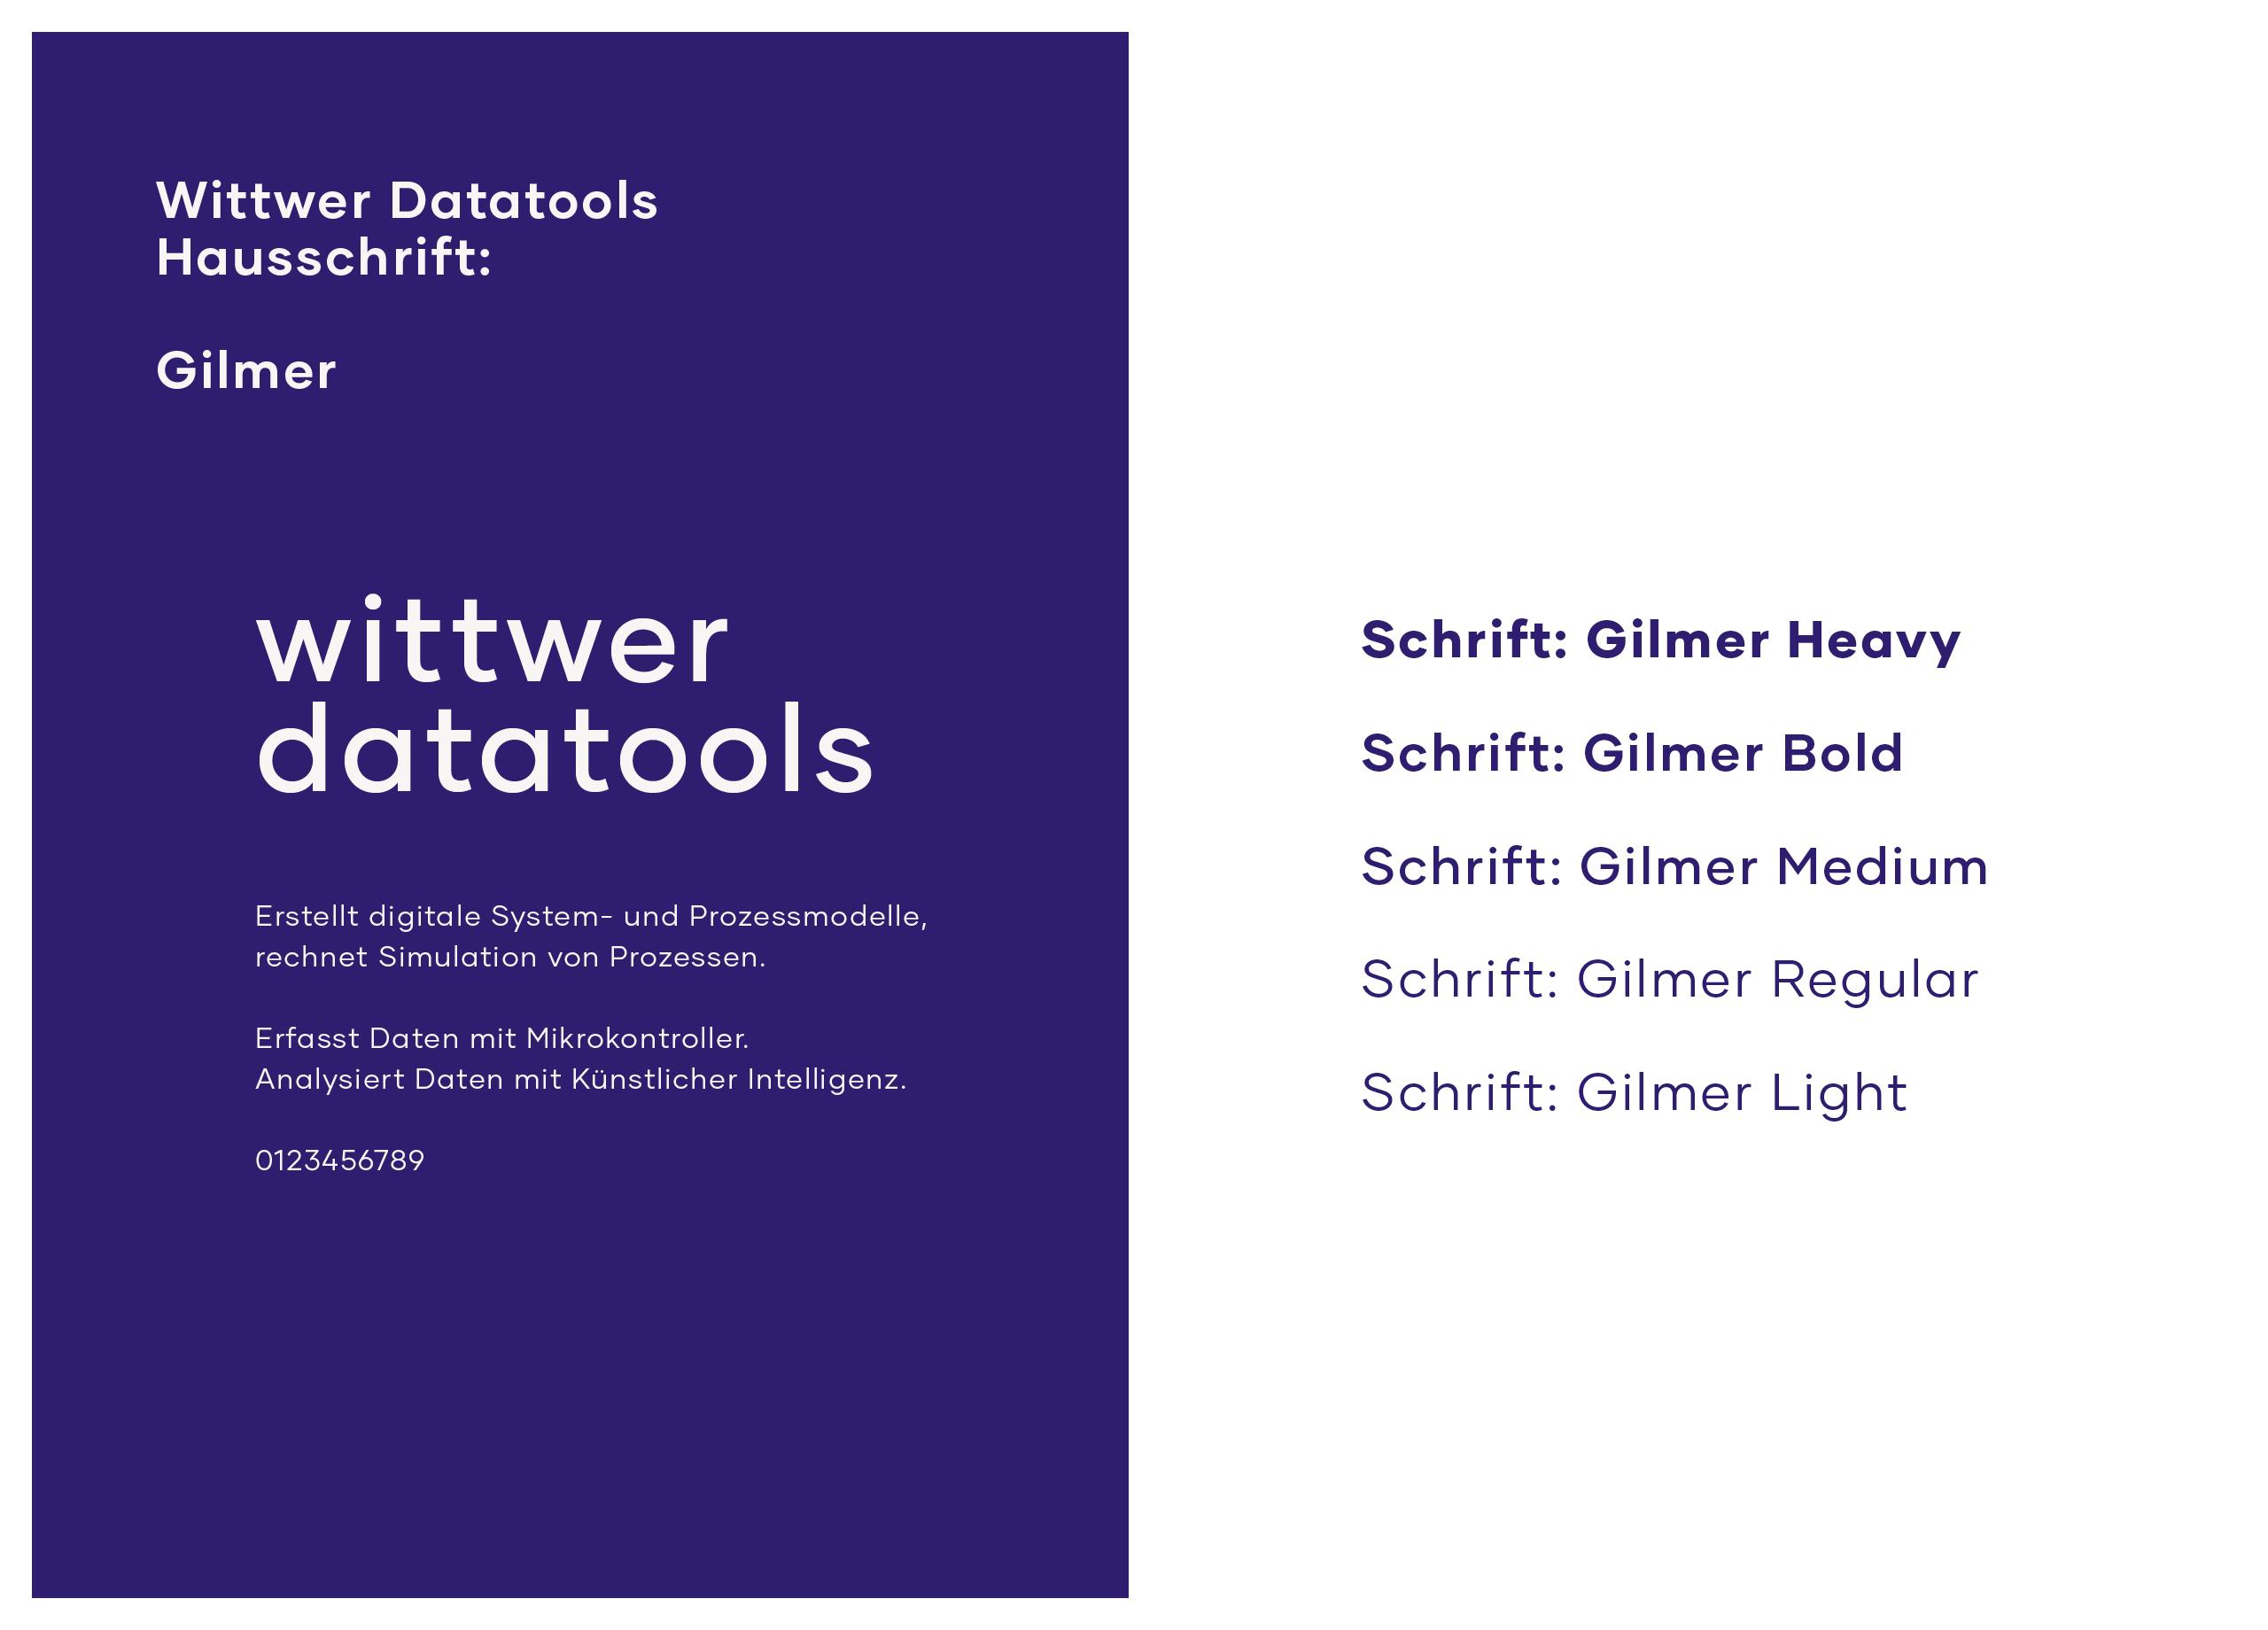 Wittwer Datatools Branding Schriften MHG Bern